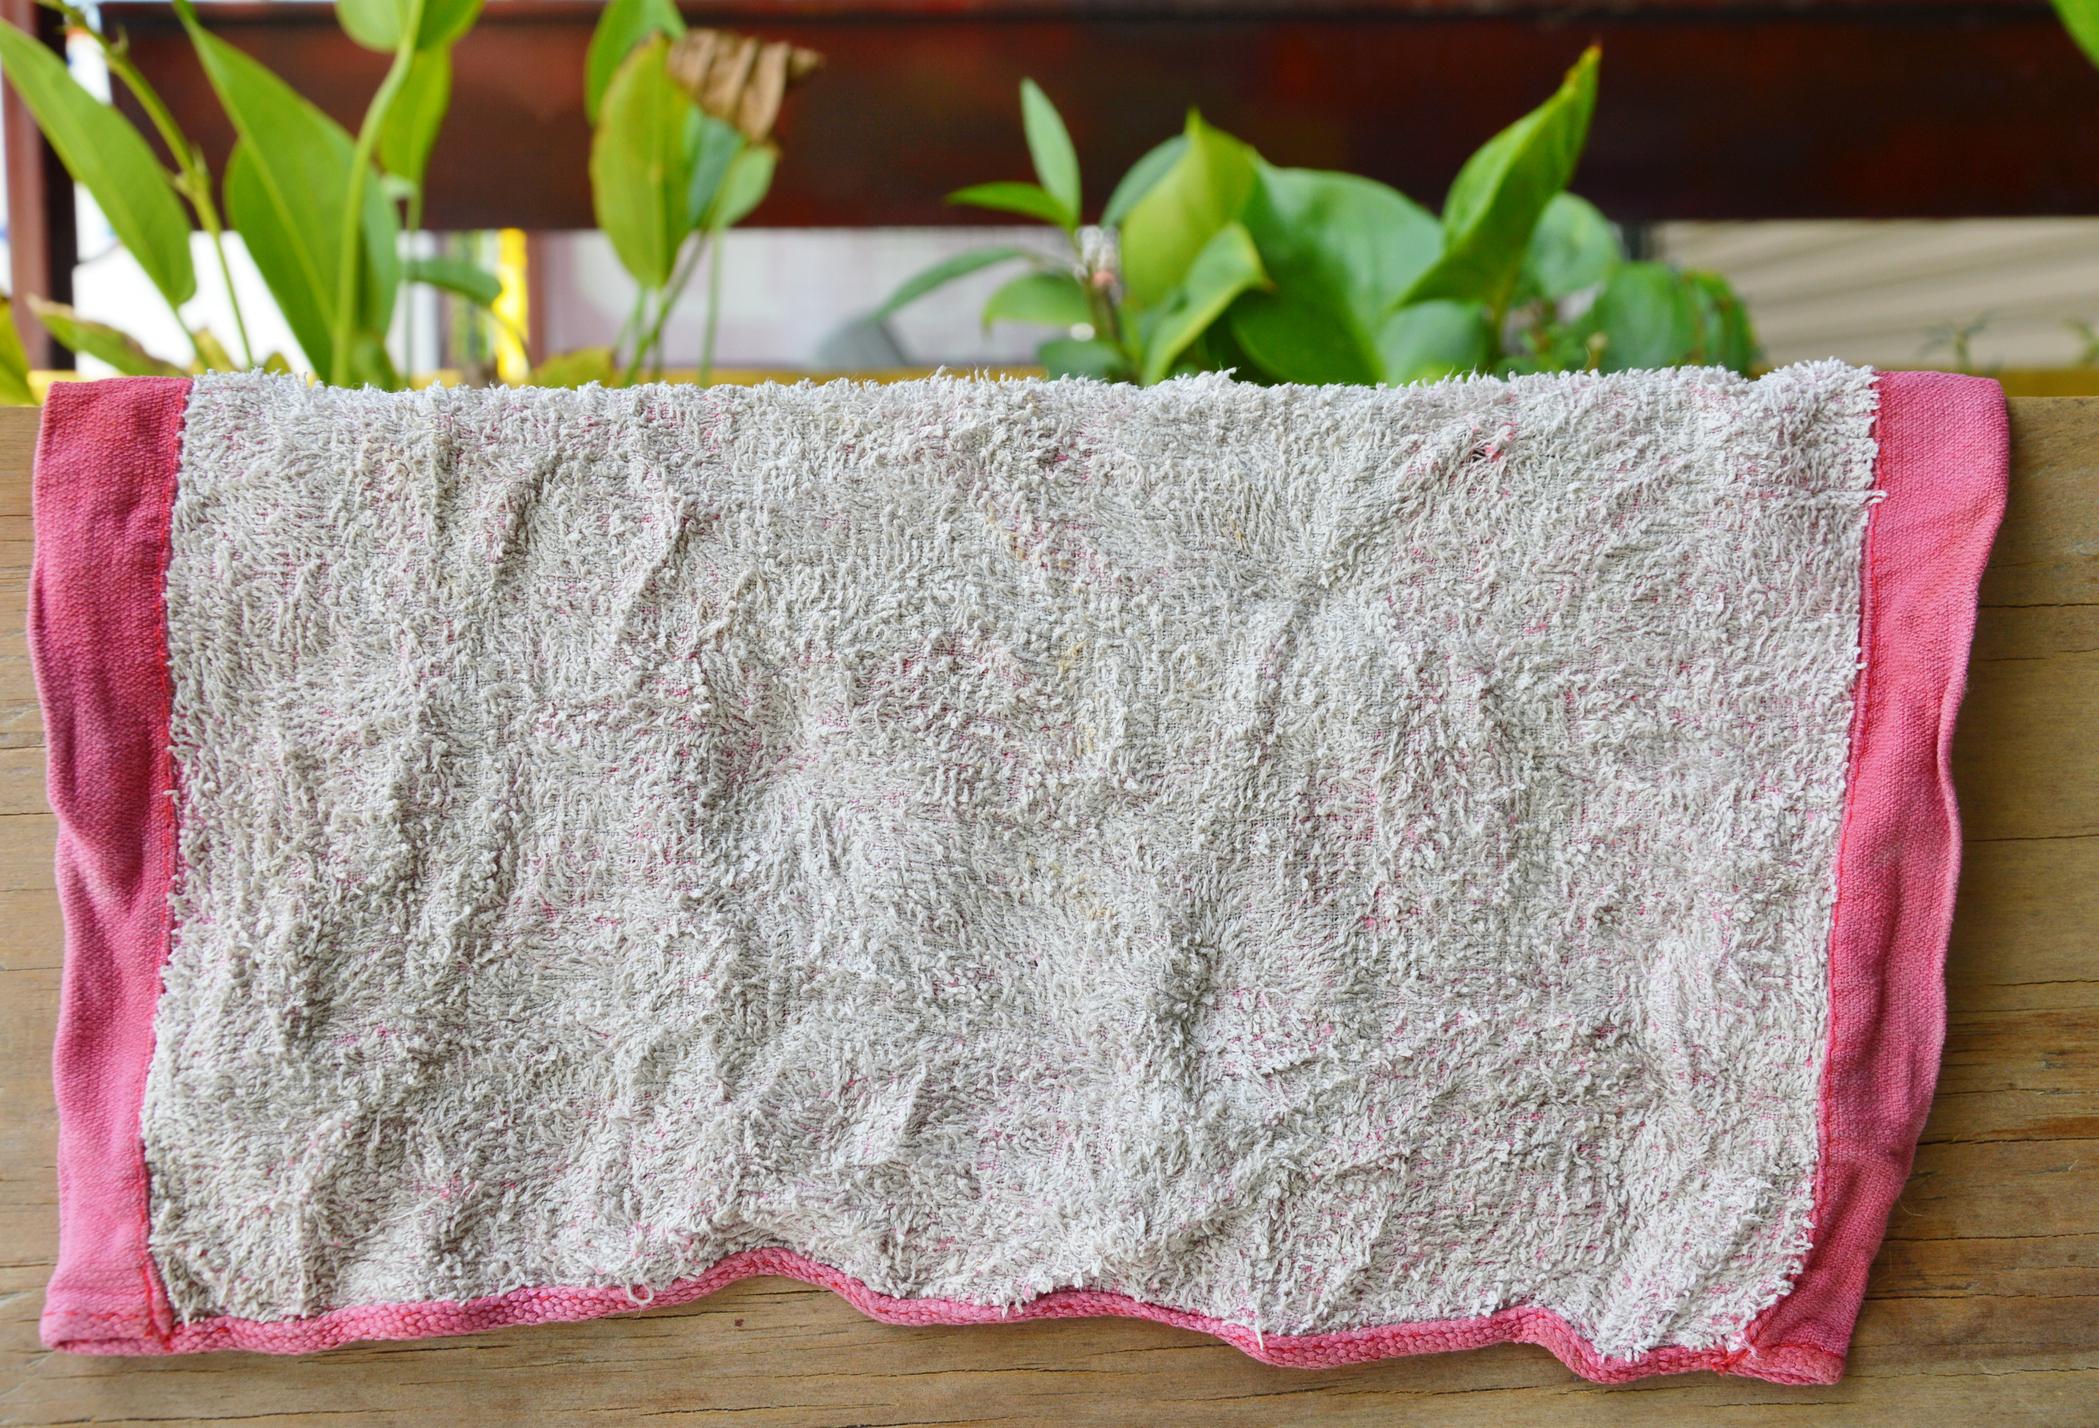 Старите парцали и кърпи. Не само, че са гореща точка за бактерии, те загрозяват пространството ви.